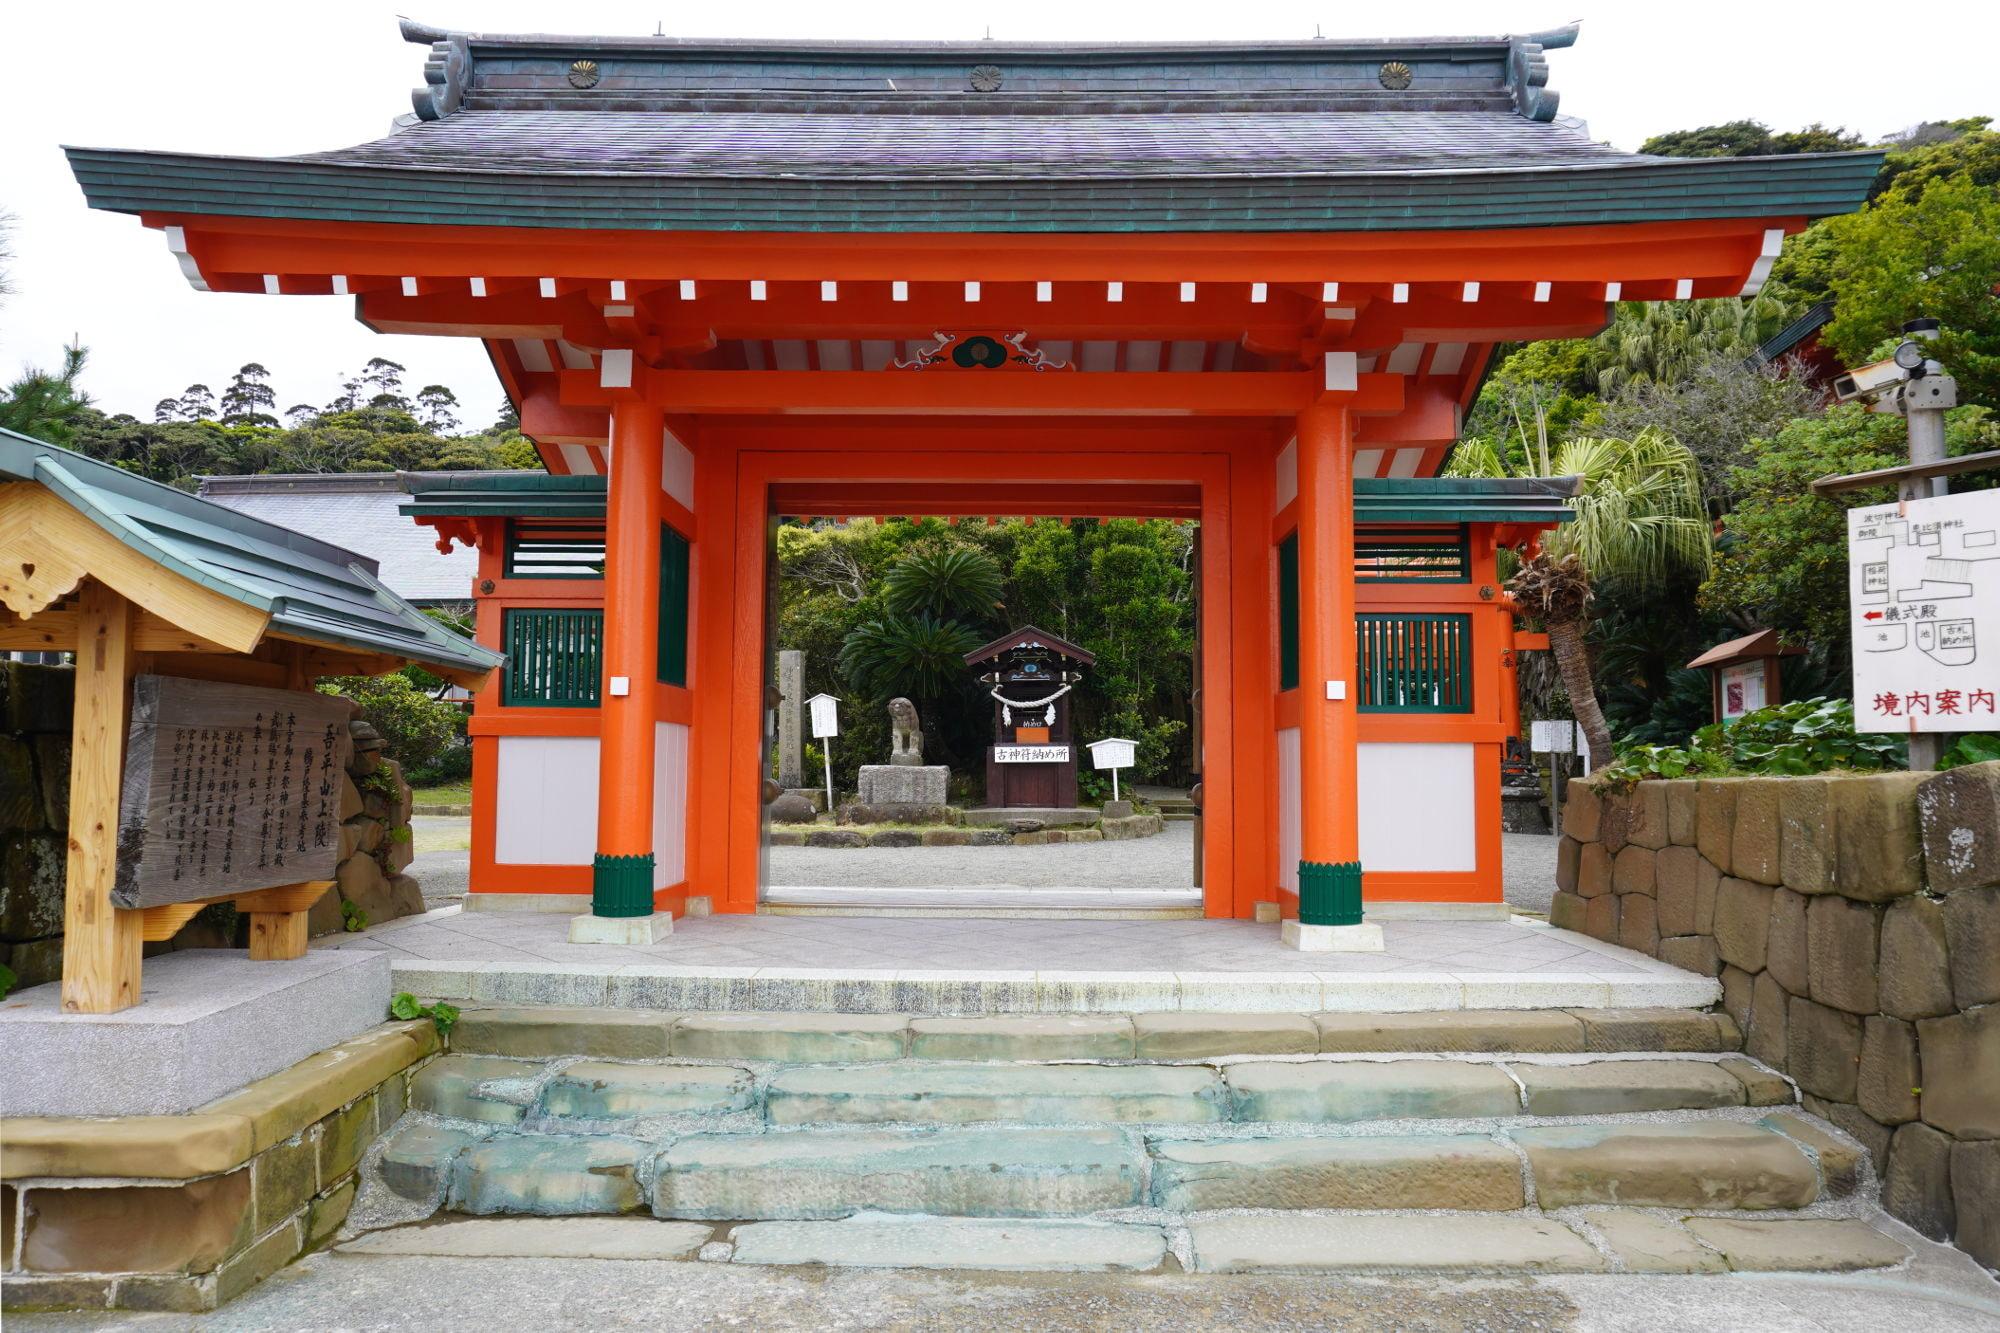 鵜戸稲荷神社への入り口